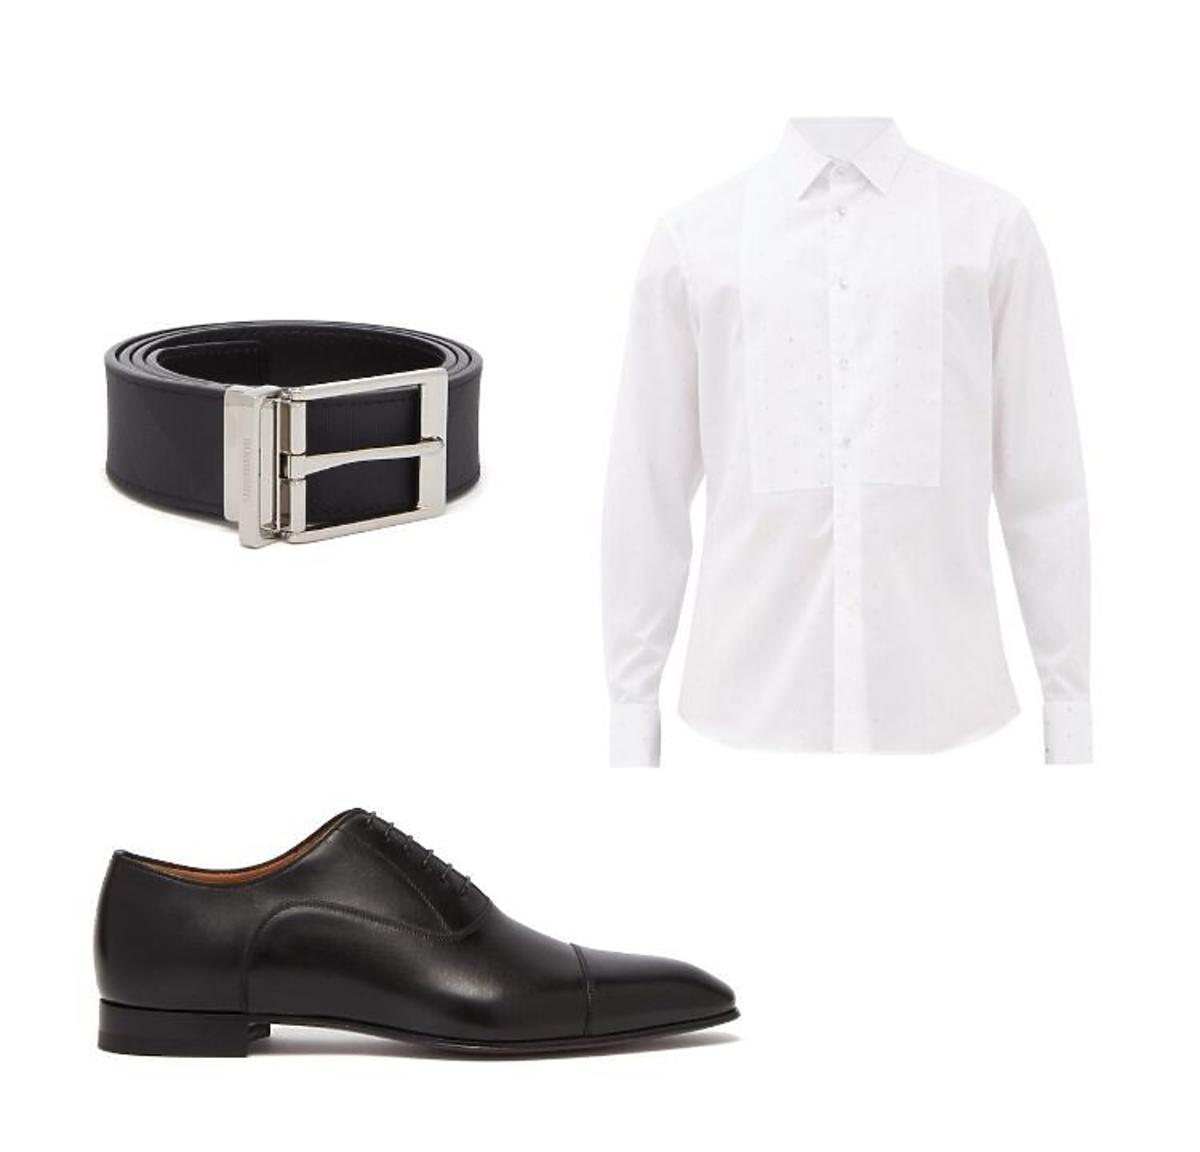 Najmodniejsze dodatki dla pana młodego-pasek,koszula,buty Burberrry/Pl.Trzech Krzyży,(Trendy 2020-stylizacja ślubna pan młody)